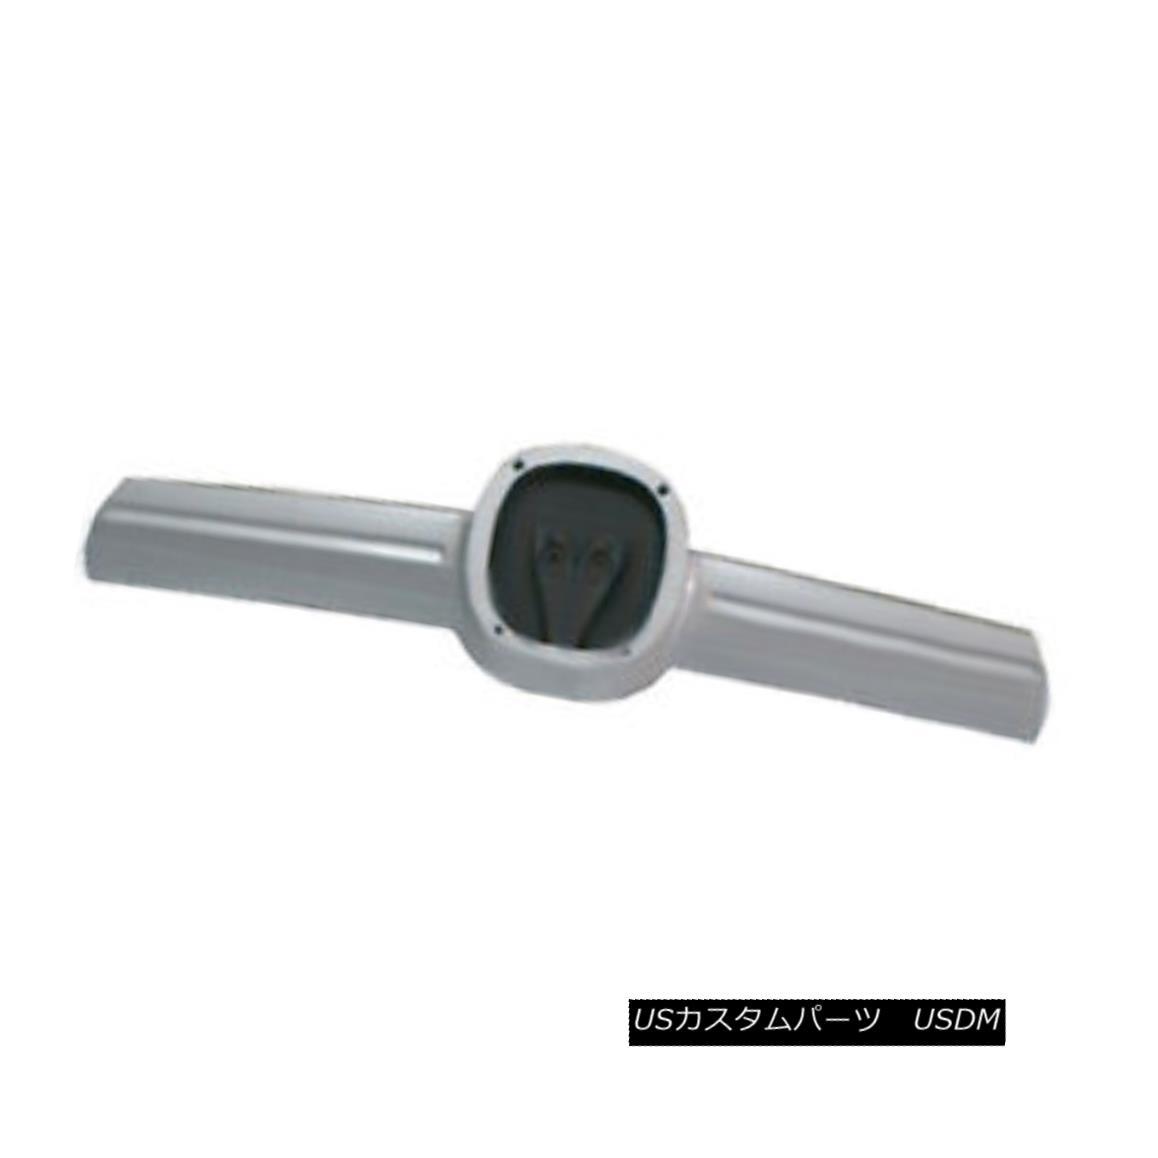 グリル New Replacement Grille Molding Silver & Grey 新しい交換用グリルモールディングシルバー& グレー